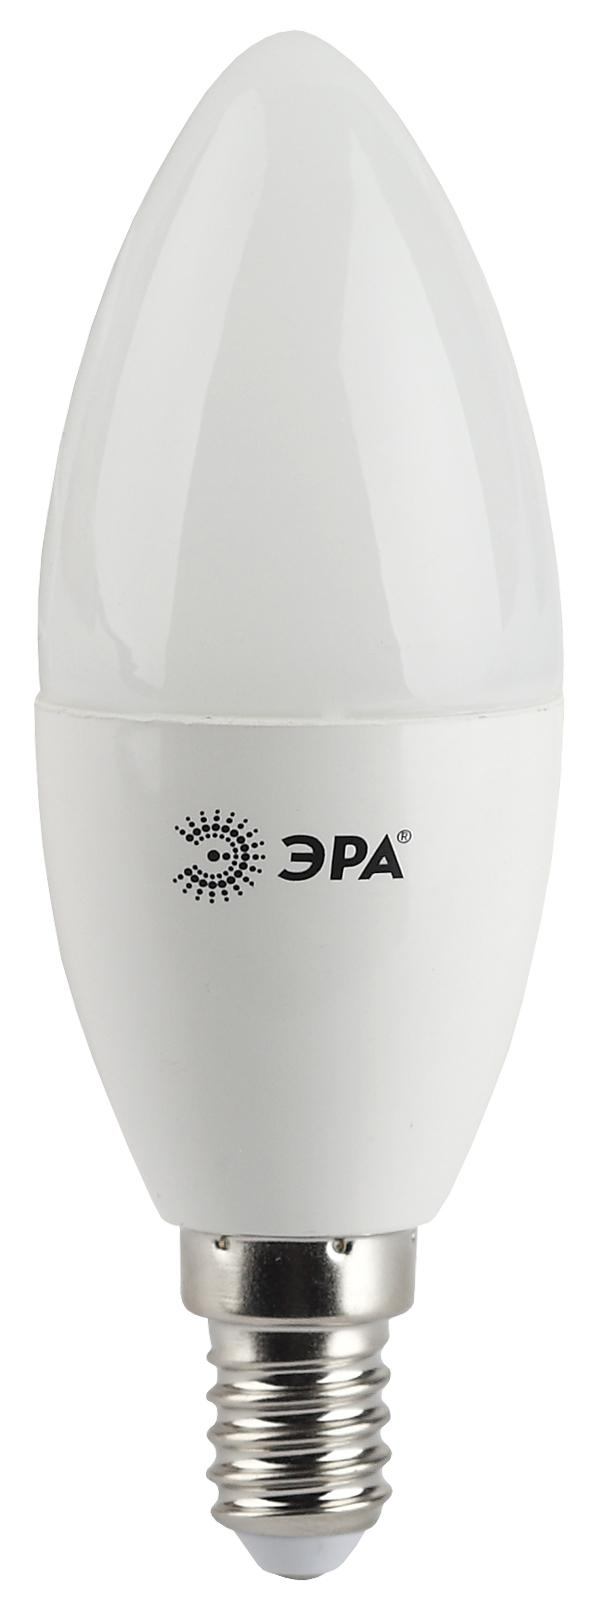 Лампа светодиодная ЭРА Led smd b35-5w-827-e14